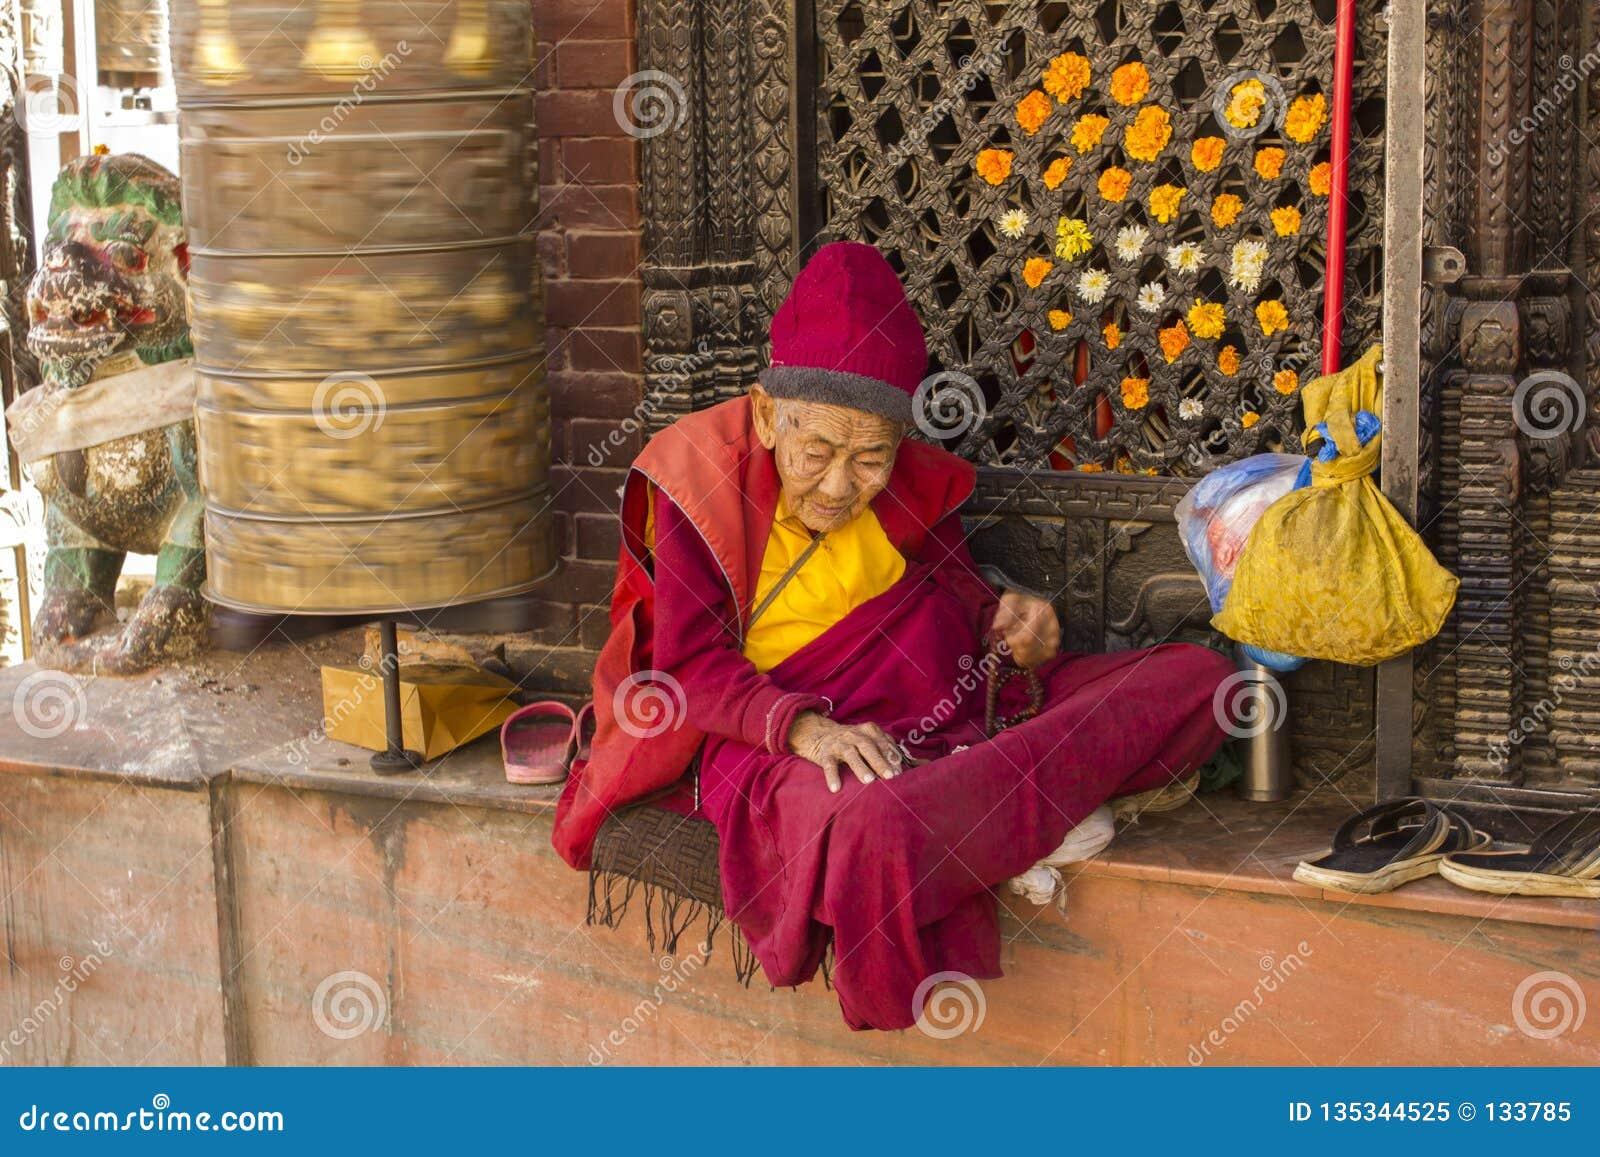 https://thumbs.dreamstime.com/z/bardzo-stary-tybeta%C5%84ski-mnich-buddyjski-w-czerwieni-i-koloru-%C5%BC%C3%B3%C5%82tego-ubraniach-siedzi-blisko-p%C5%82odozmiennego-modlitewnego-135344525.jpg